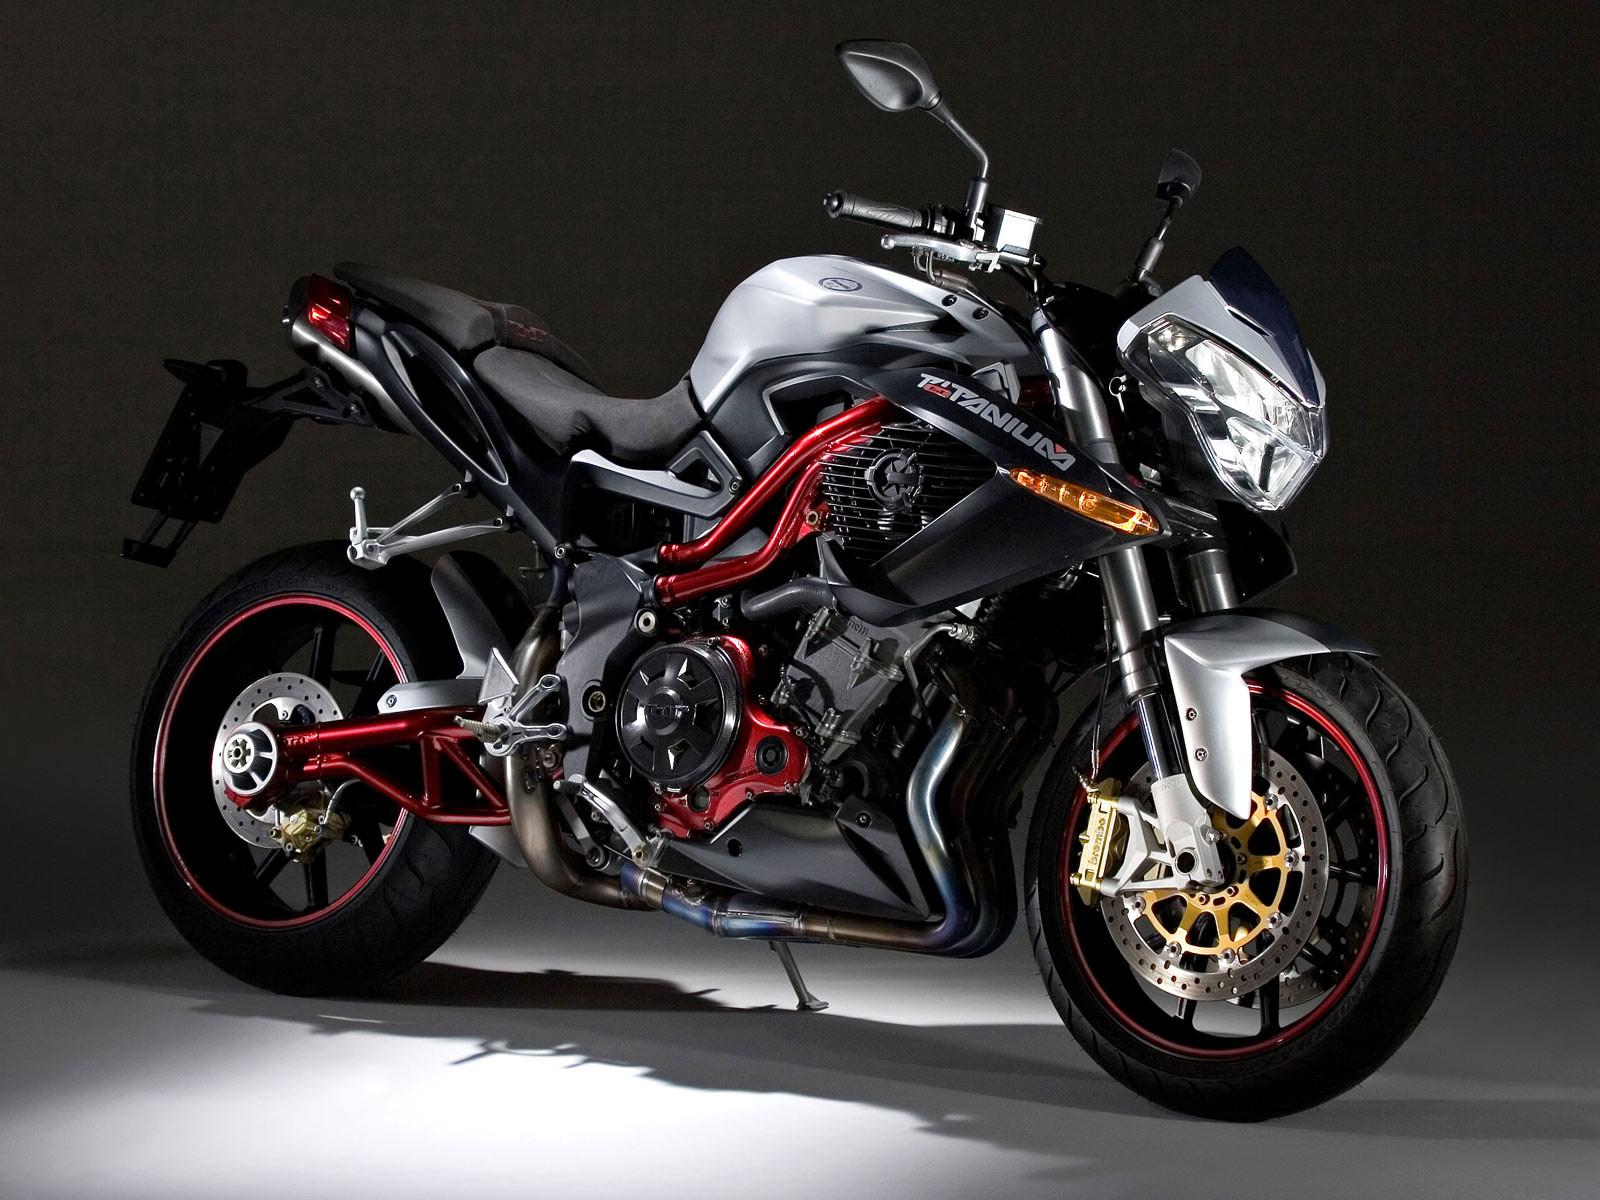 http://4.bp.blogspot.com/-f-aVHfKKjjU/Tqtyr0gPaYI/AAAAAAAACzY/KJ967gxW5YE/s1600/2006_benelli_tnt_titanium_motorcycle-desktop-wallpaper_1.jpg